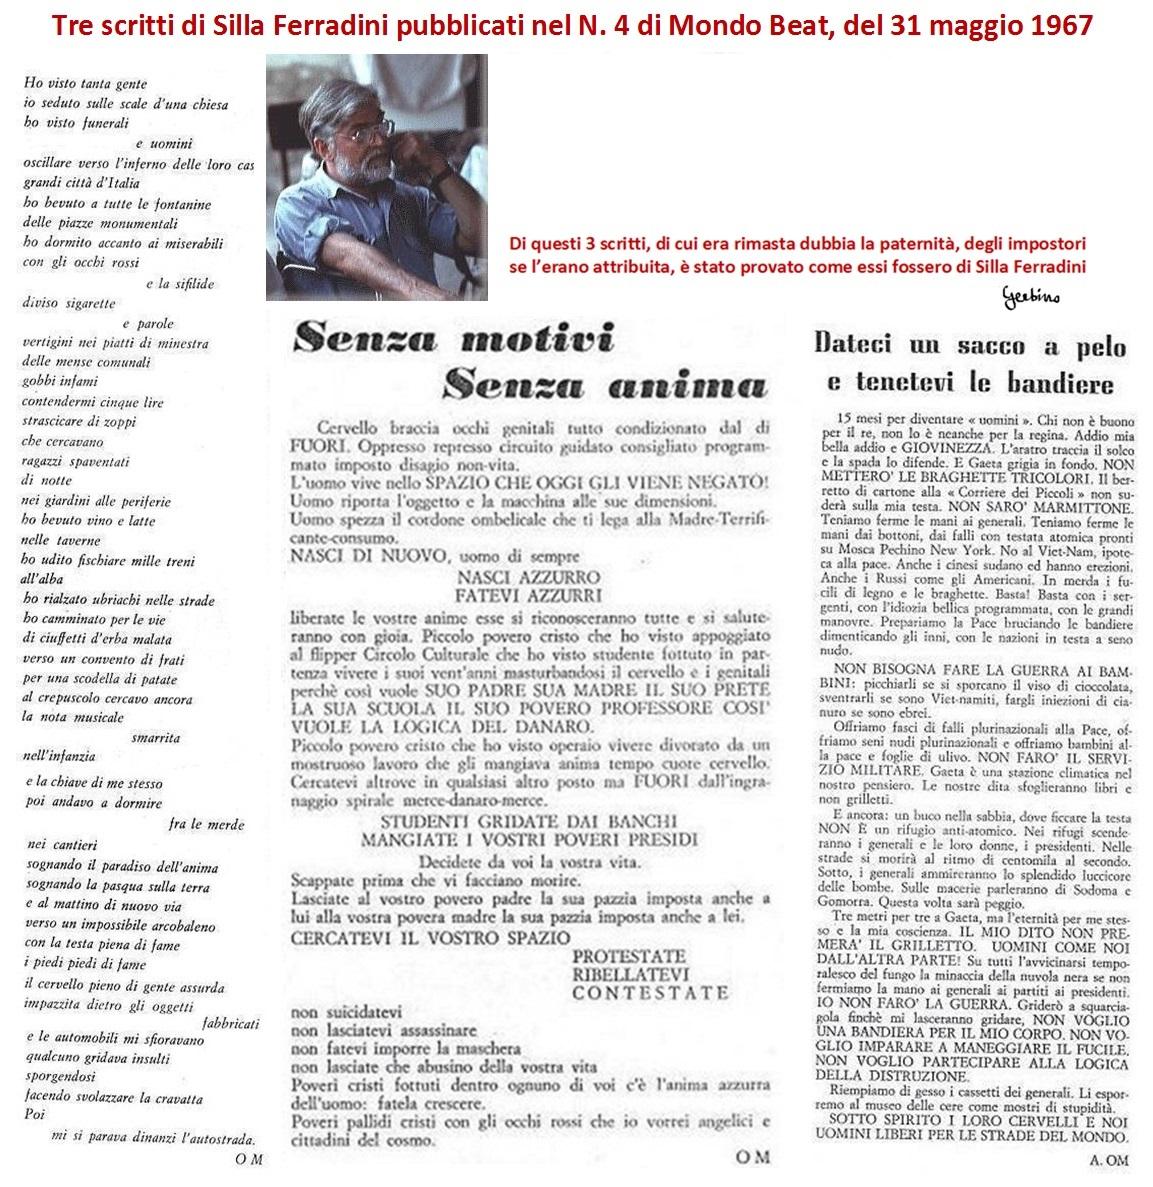 Dopo 50 anni, la verità sul contributo di Silla Ferradini alla rivista Mondo Beat